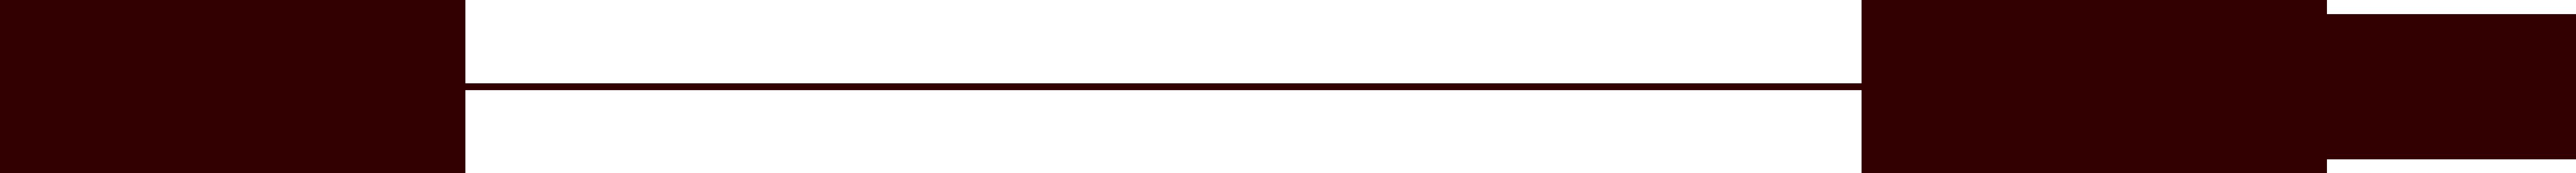 divider (1)